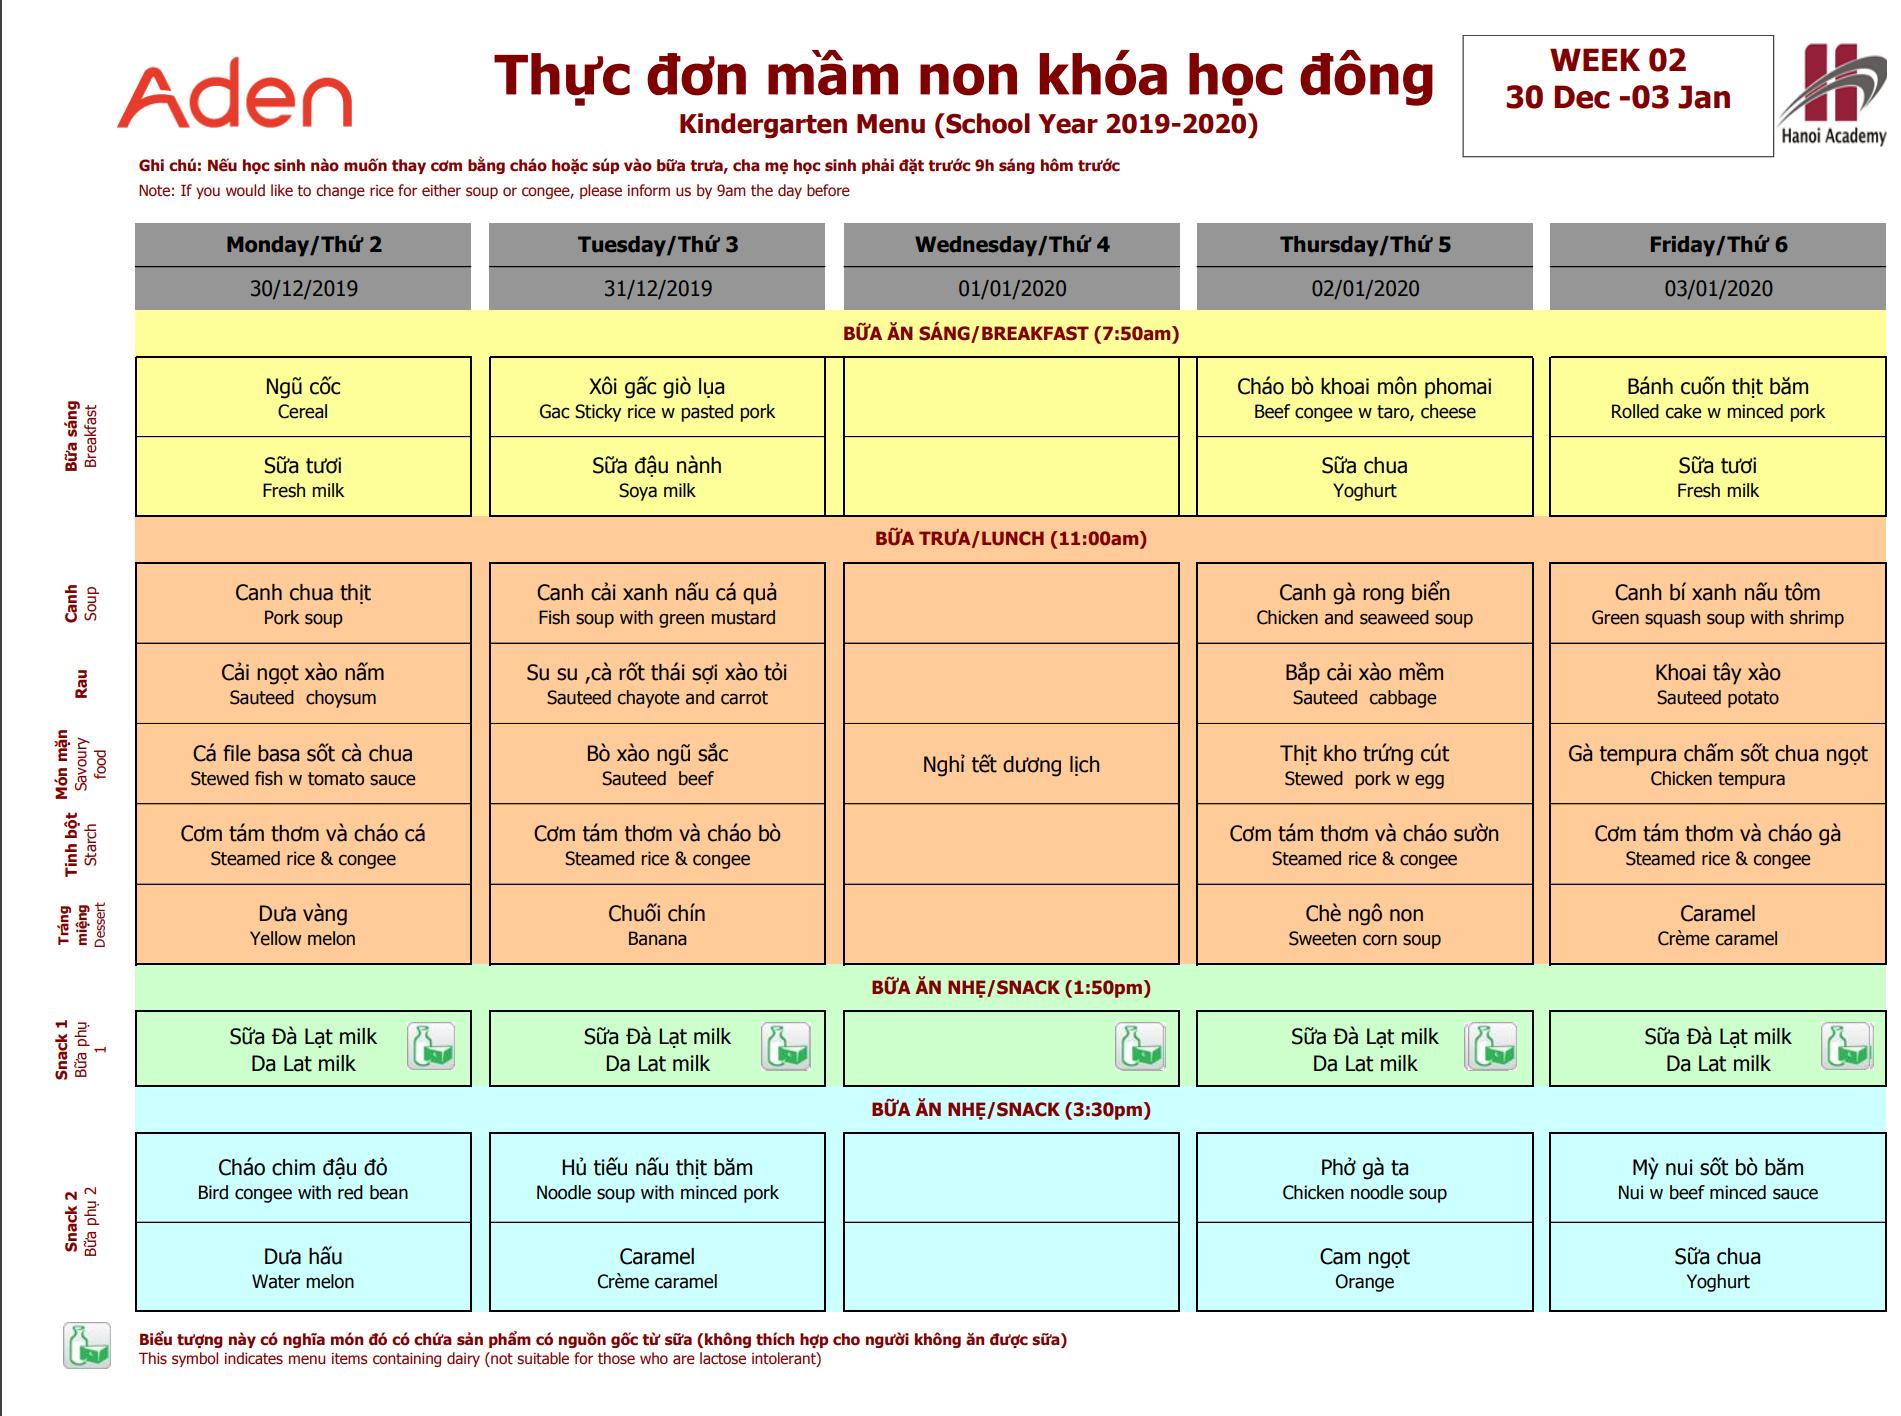 Thực đơn mầm non Hanoi Academy khóa hoạc đông Thực đơn trại đông (30/12 – 03/01) trường Hanoi Academy